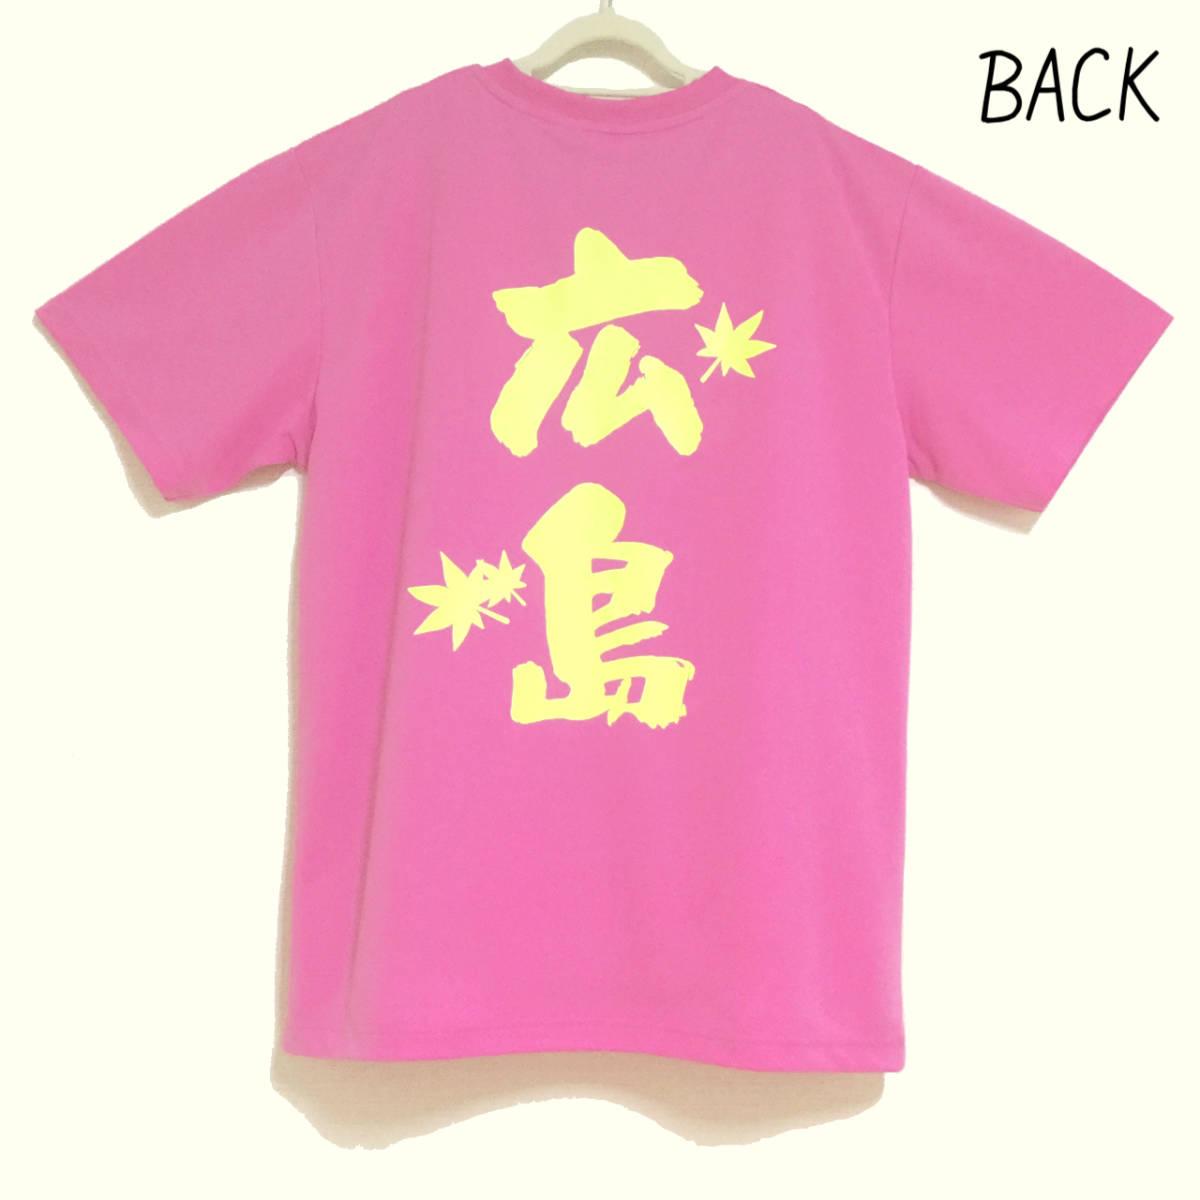 ドライTシャツ 広島ロゴ ピンク生地 XLサイズ_画像2